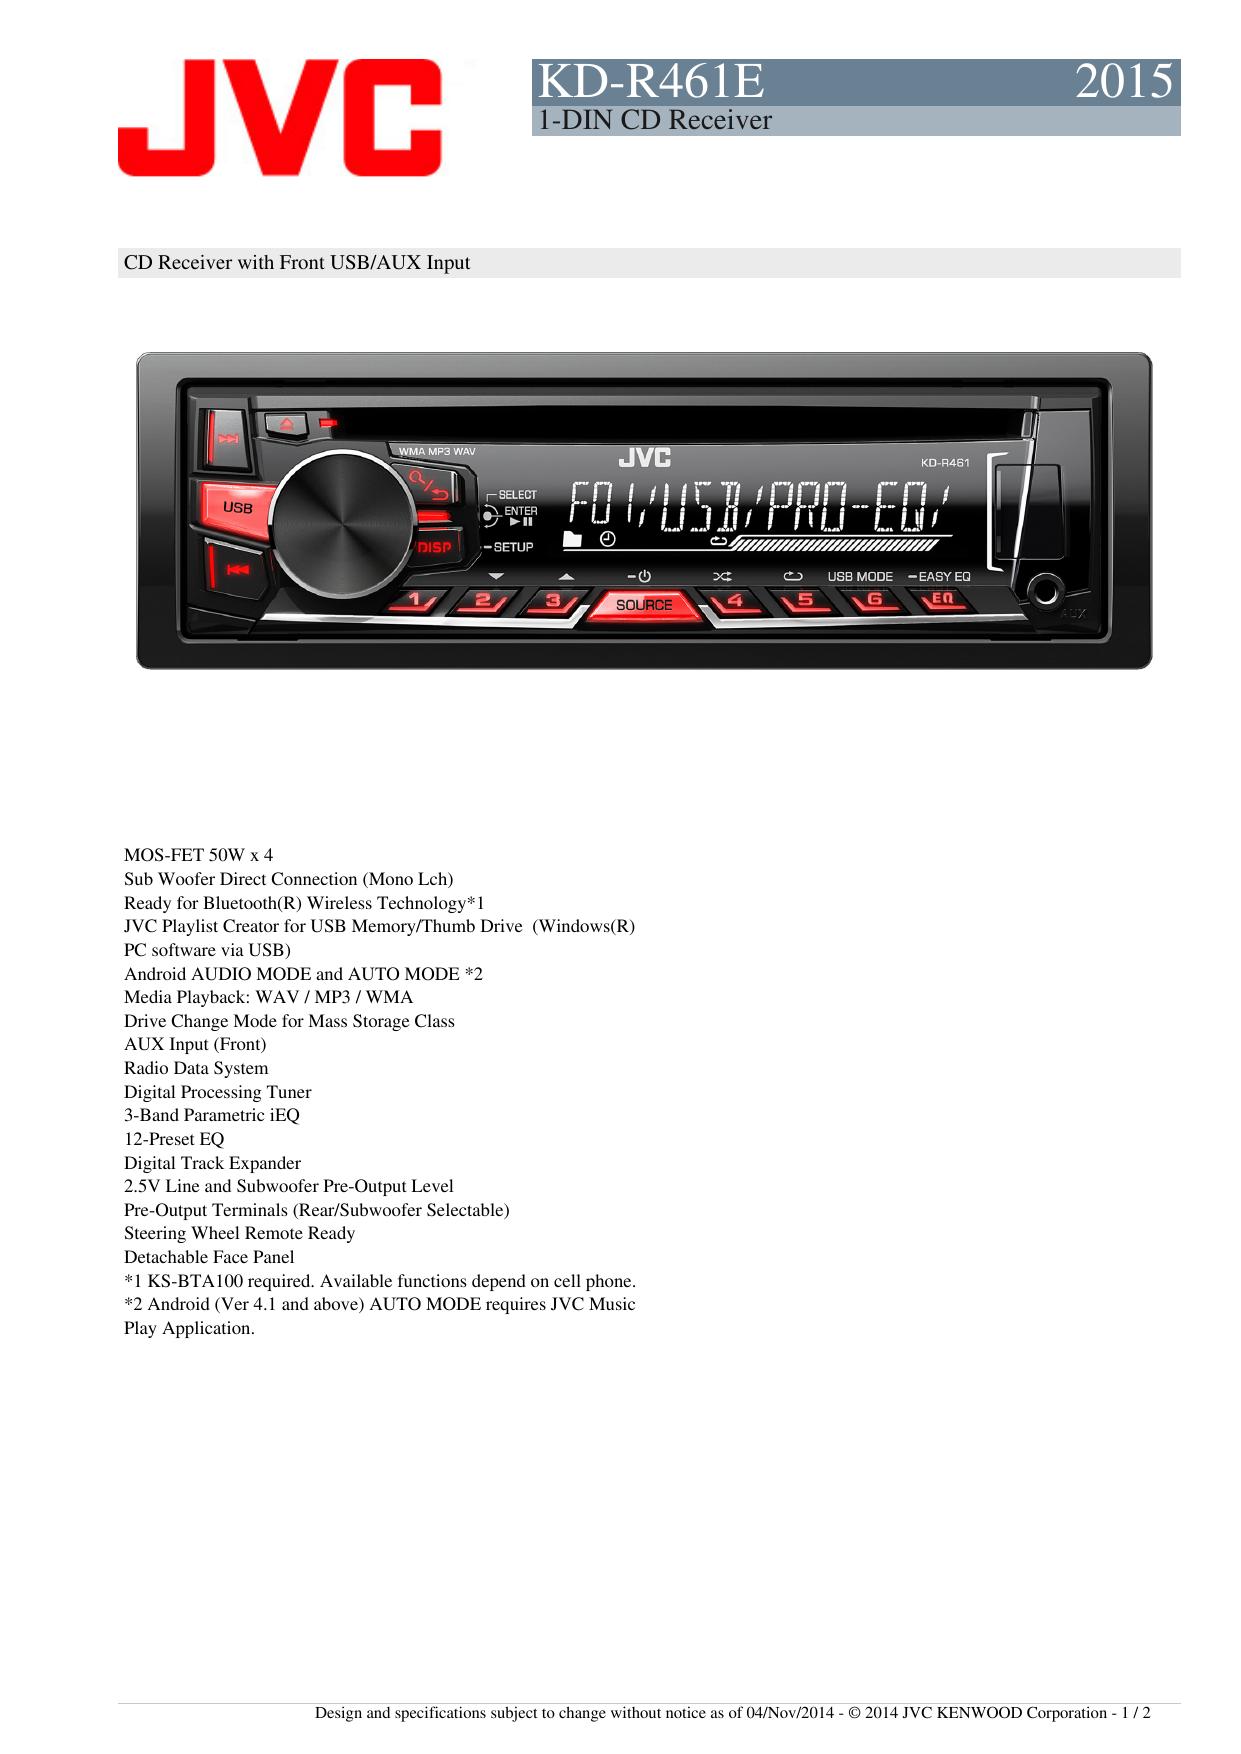 KD-R461E 2015 | manualzz com